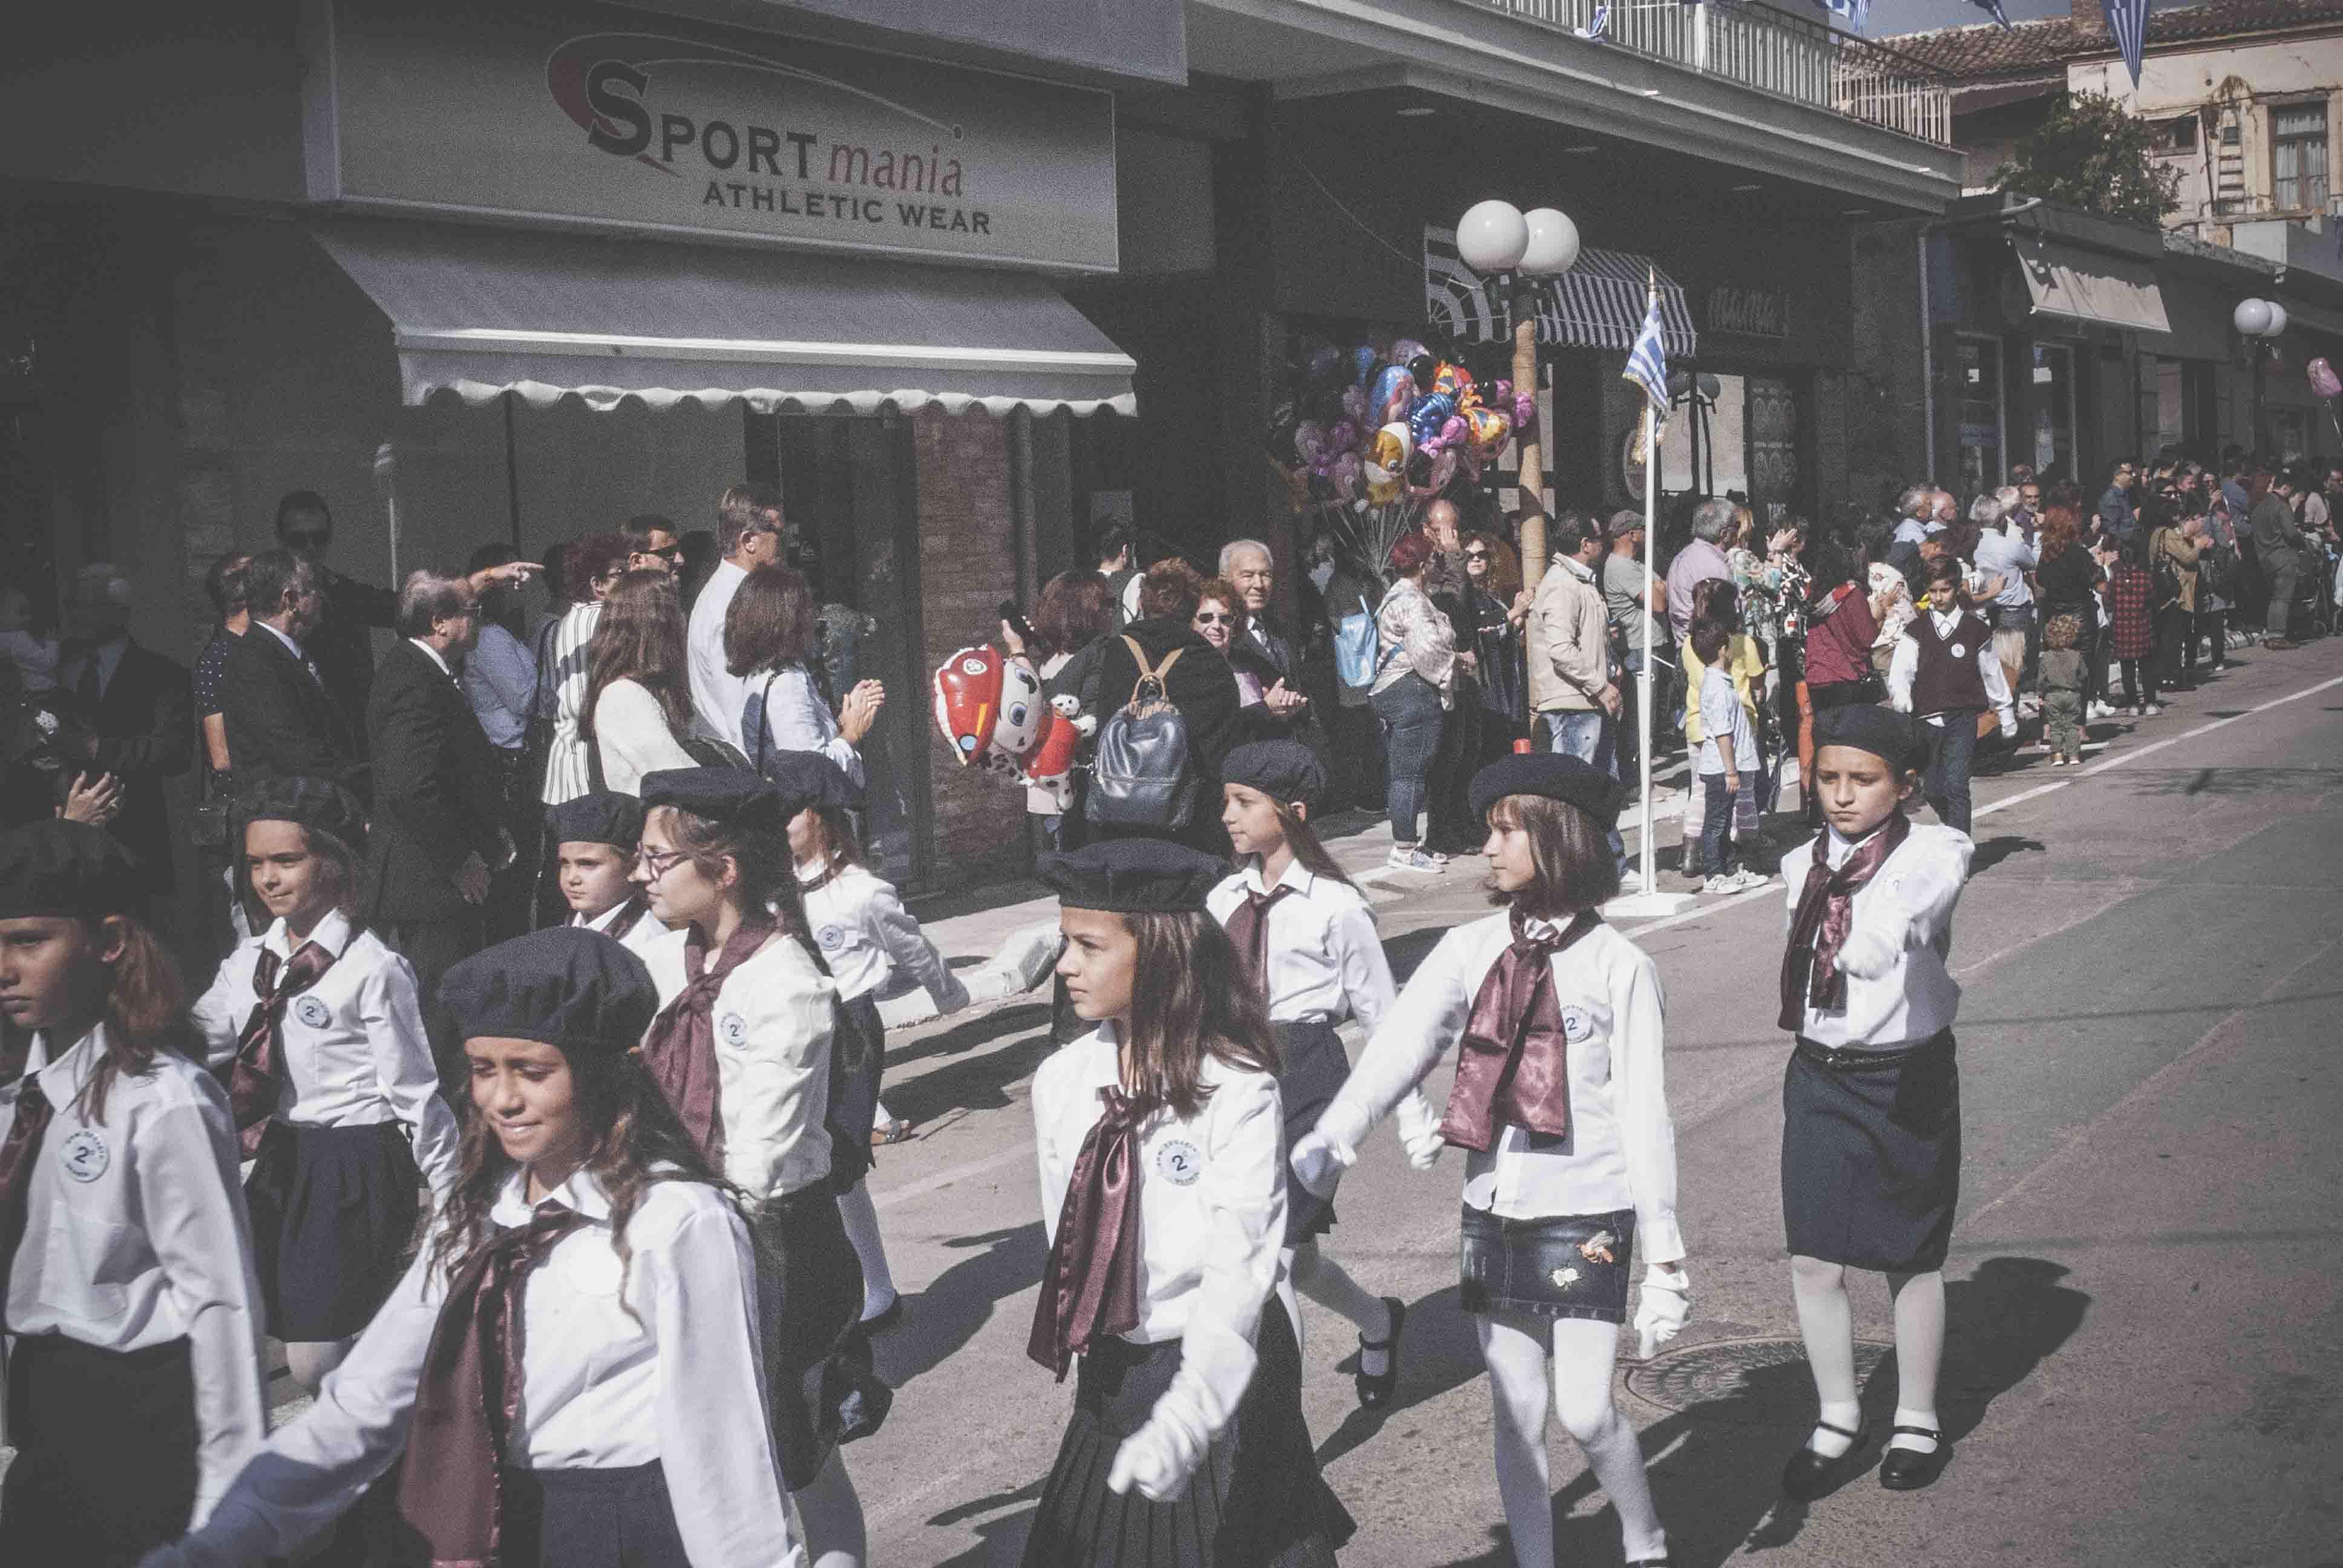 Φωτογραφικό υλικό από την παρέλαση στα Ψαχνά Φωτογραφικό υλικό από την παρέλαση στα Ψαχνά DSC 0371